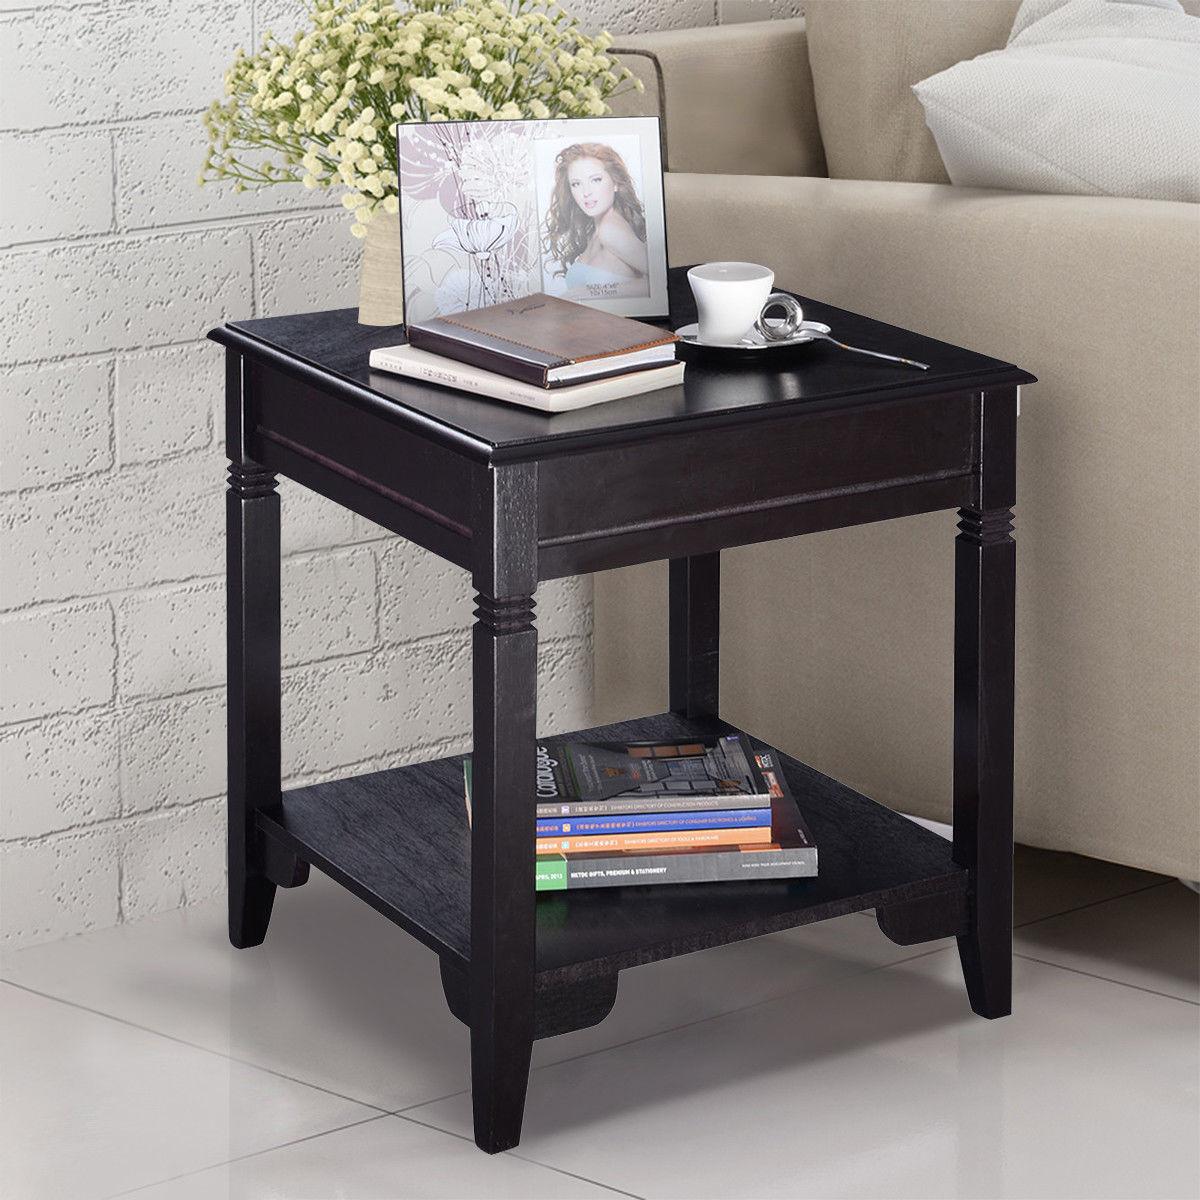 Giantex современные Кофе стол прочный качество Мебель для дома срок хранения декор Спальня тумбочке hw51532